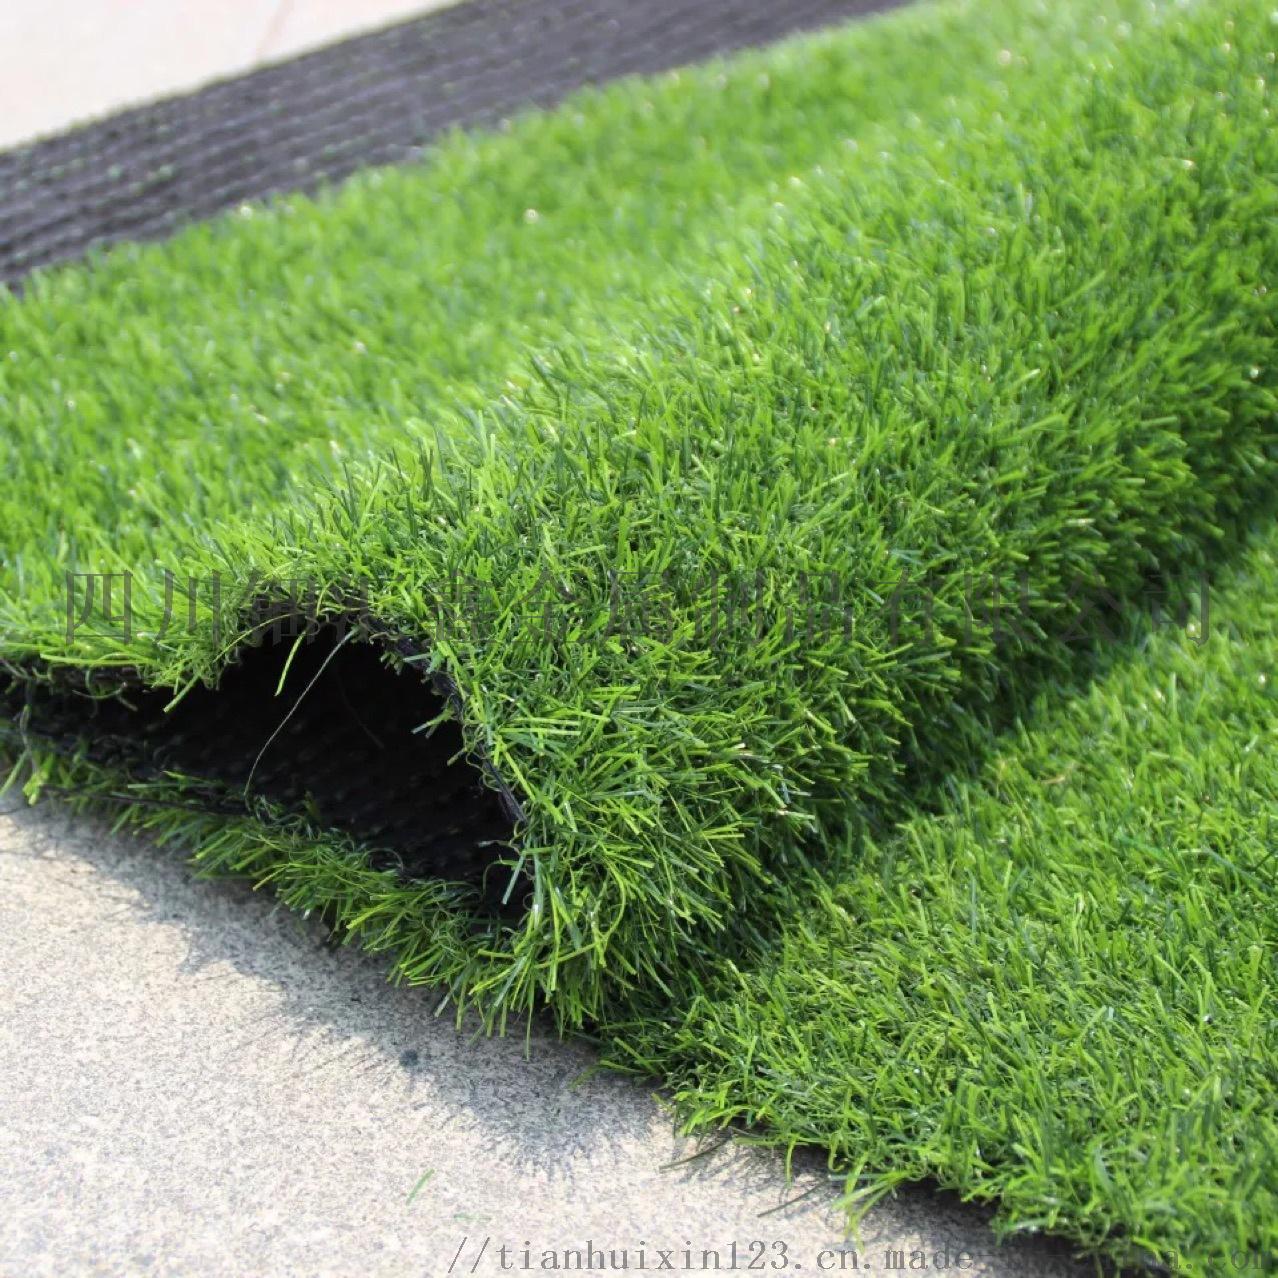 人工草坪仿真草坪围挡学校足球场人造草坪铺设58722182